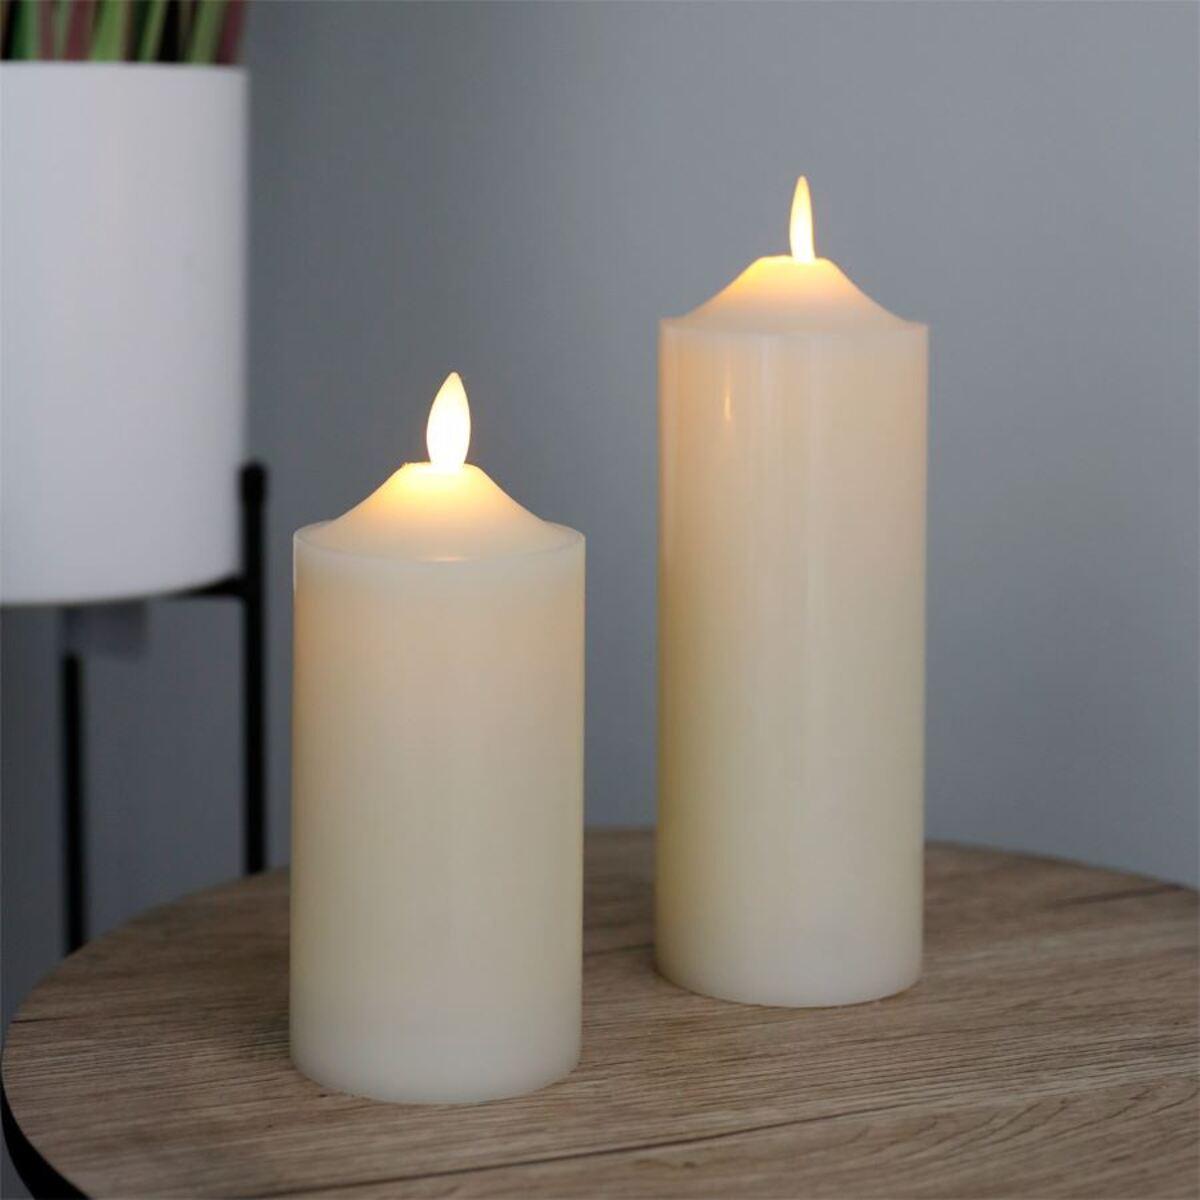 Bild 2 von LED-Altarkerze 7,5x17,5cm Elfenbein